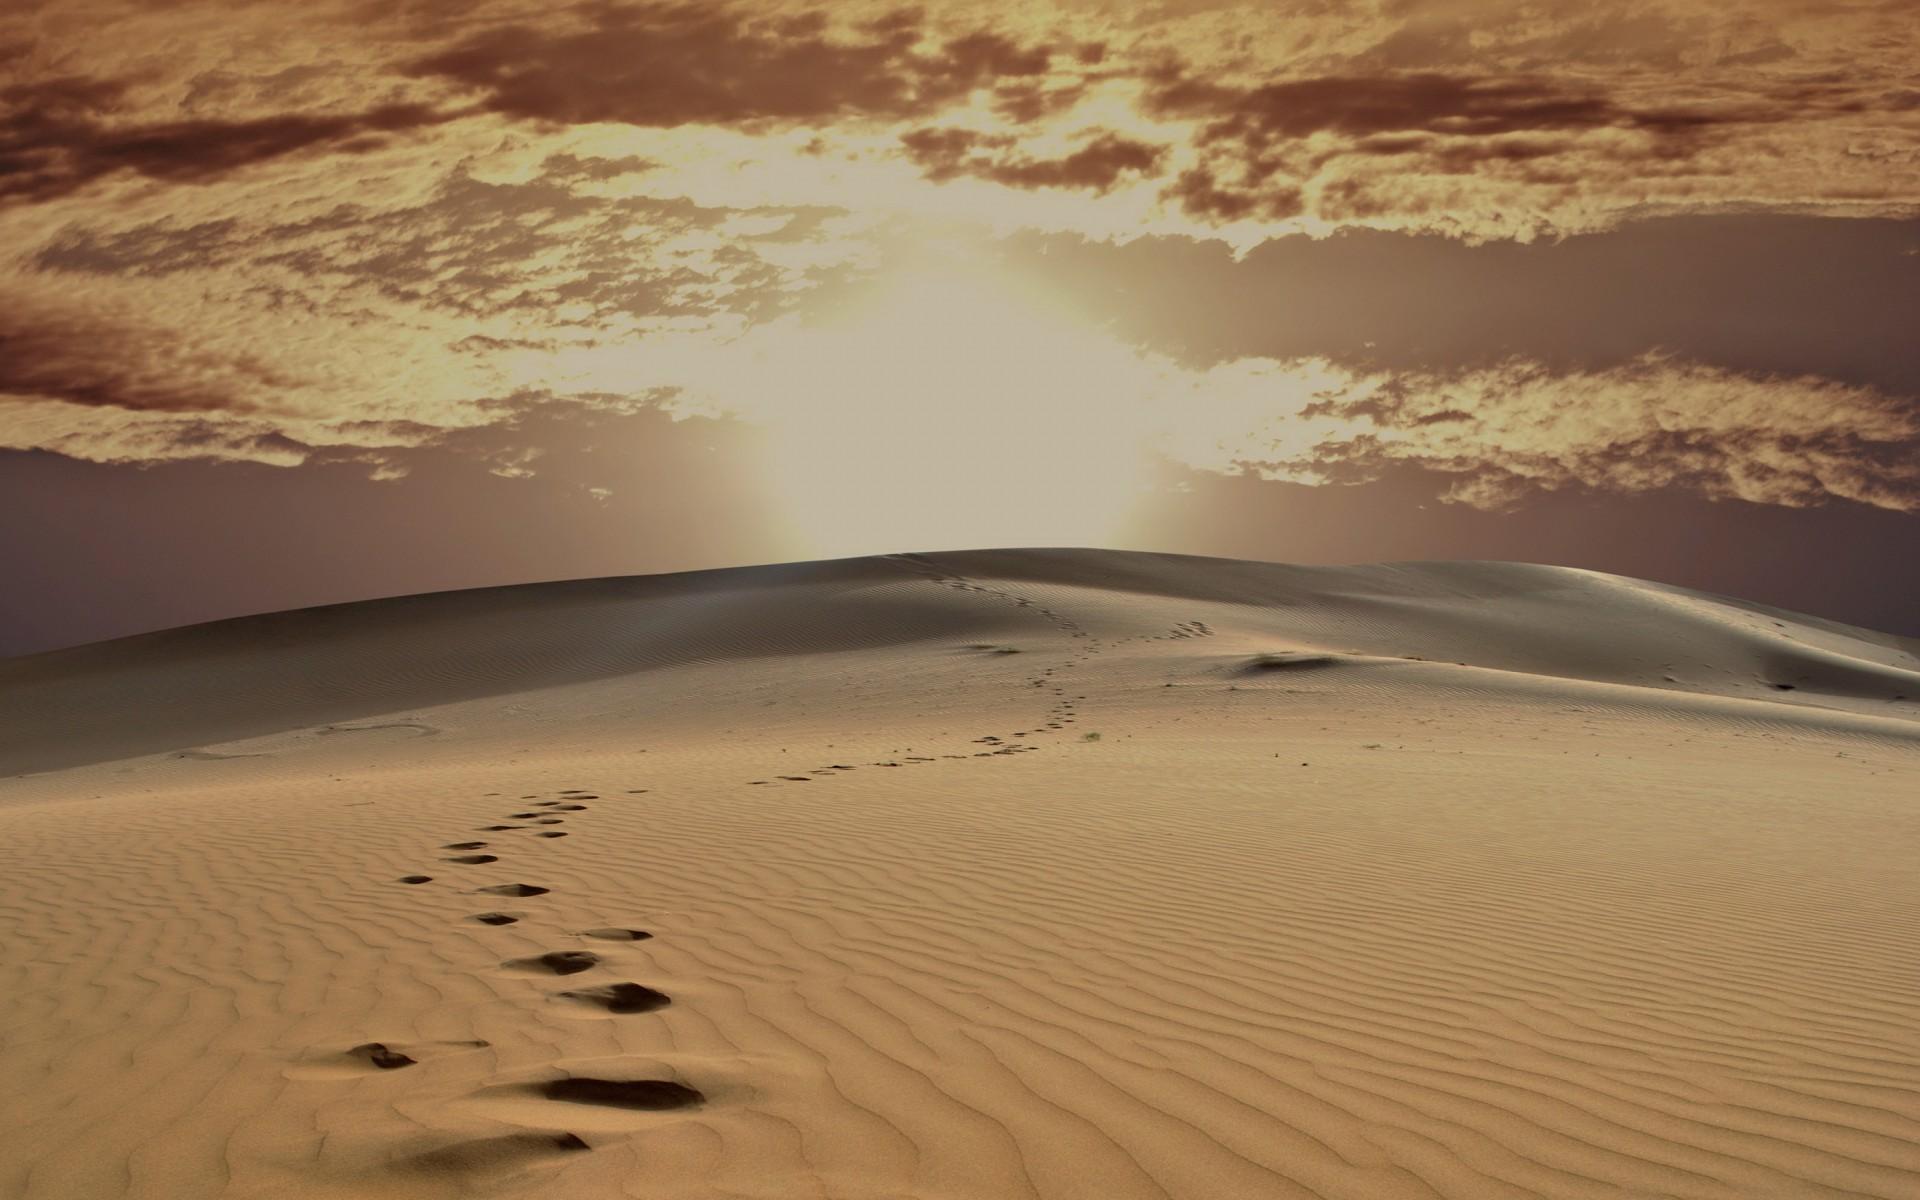 DesertOfJaisalmer